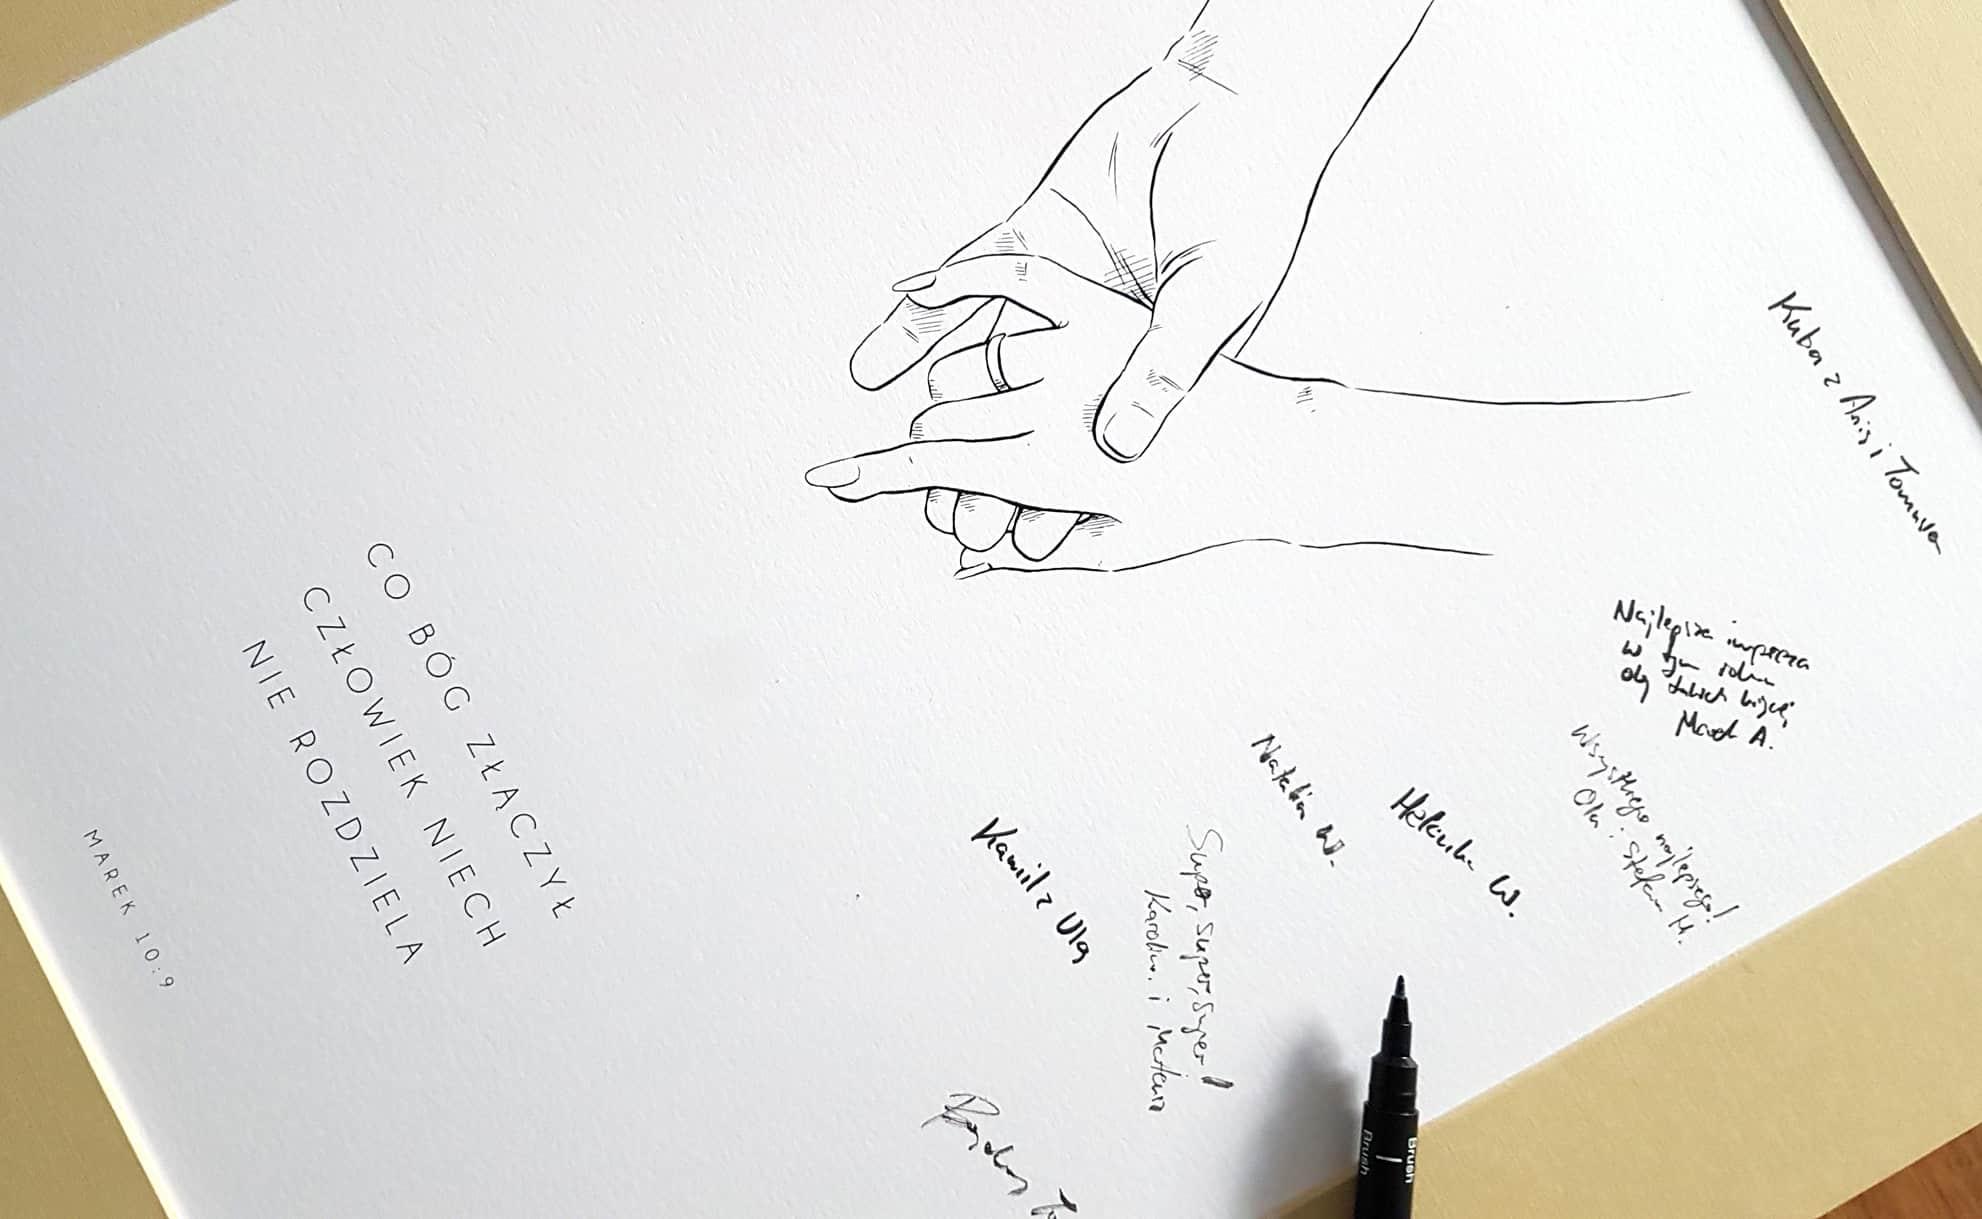 Księga gości w passepartout, rysunek trzymających się dłoni